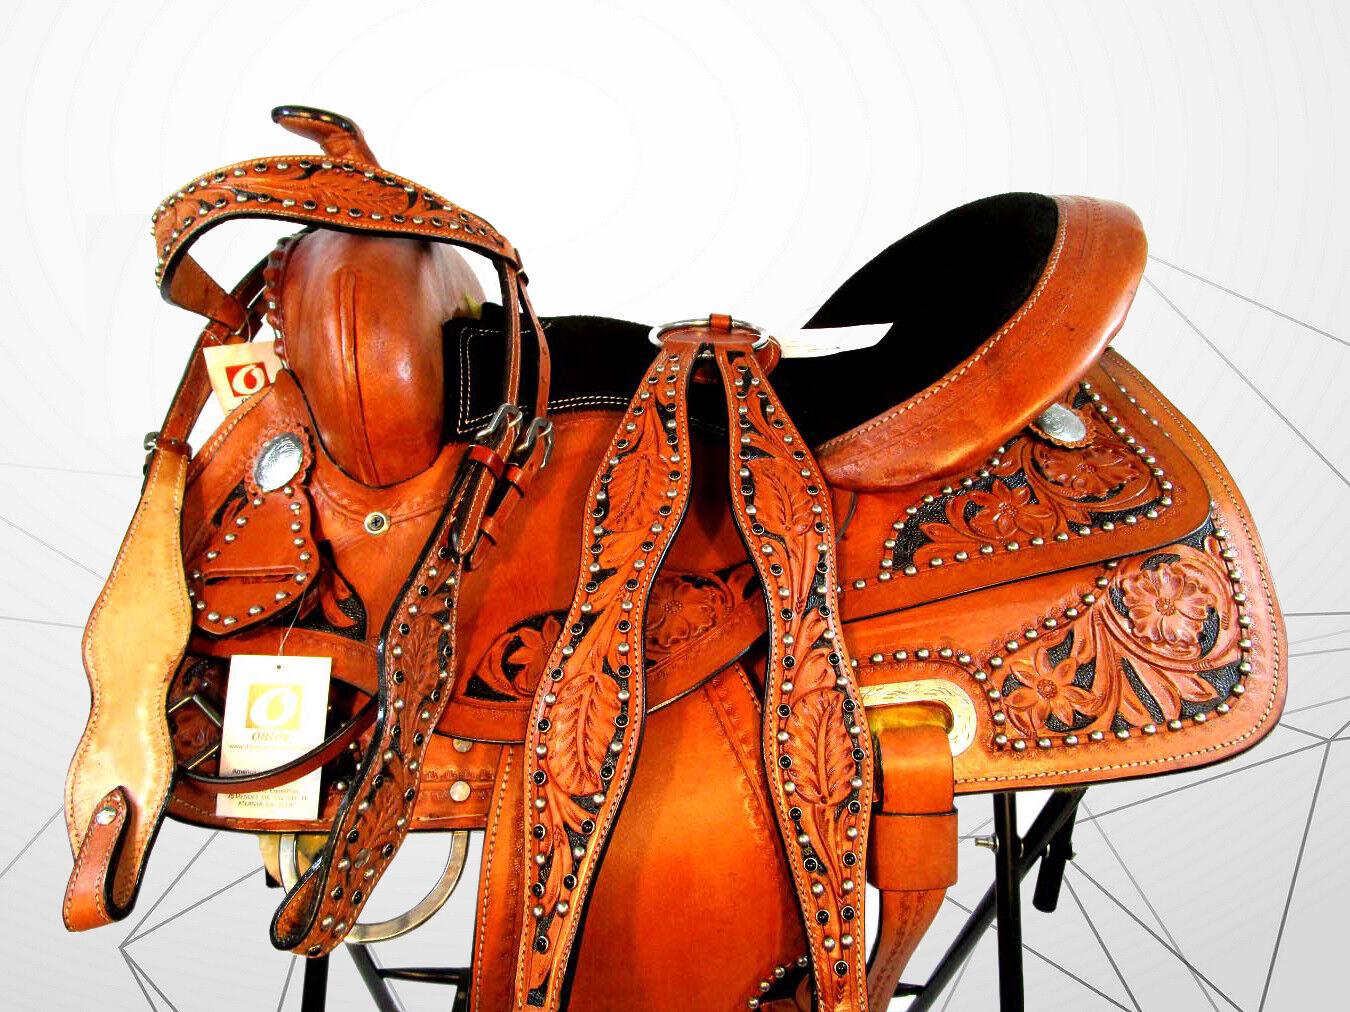 Hecho a mano western cañón silla Fileteado Trail placer Tachuela del caballo Set 14 15 16